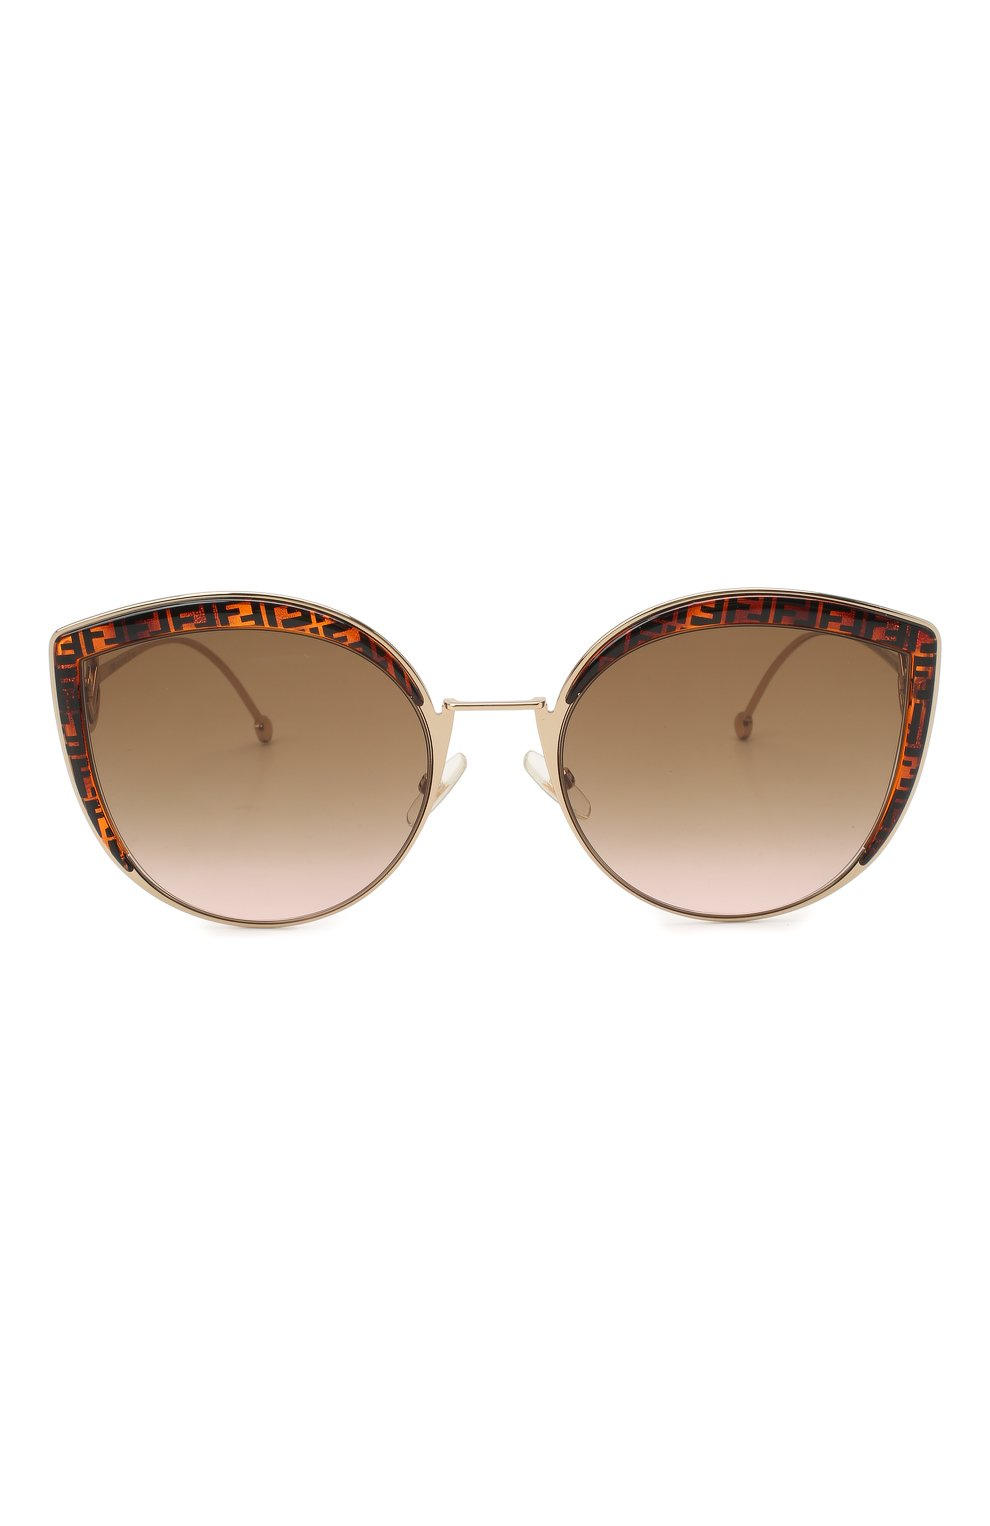 Женские солнцезащитные очки FENDI коричневого цвета, арт. 0290 VH8 | Фото 3